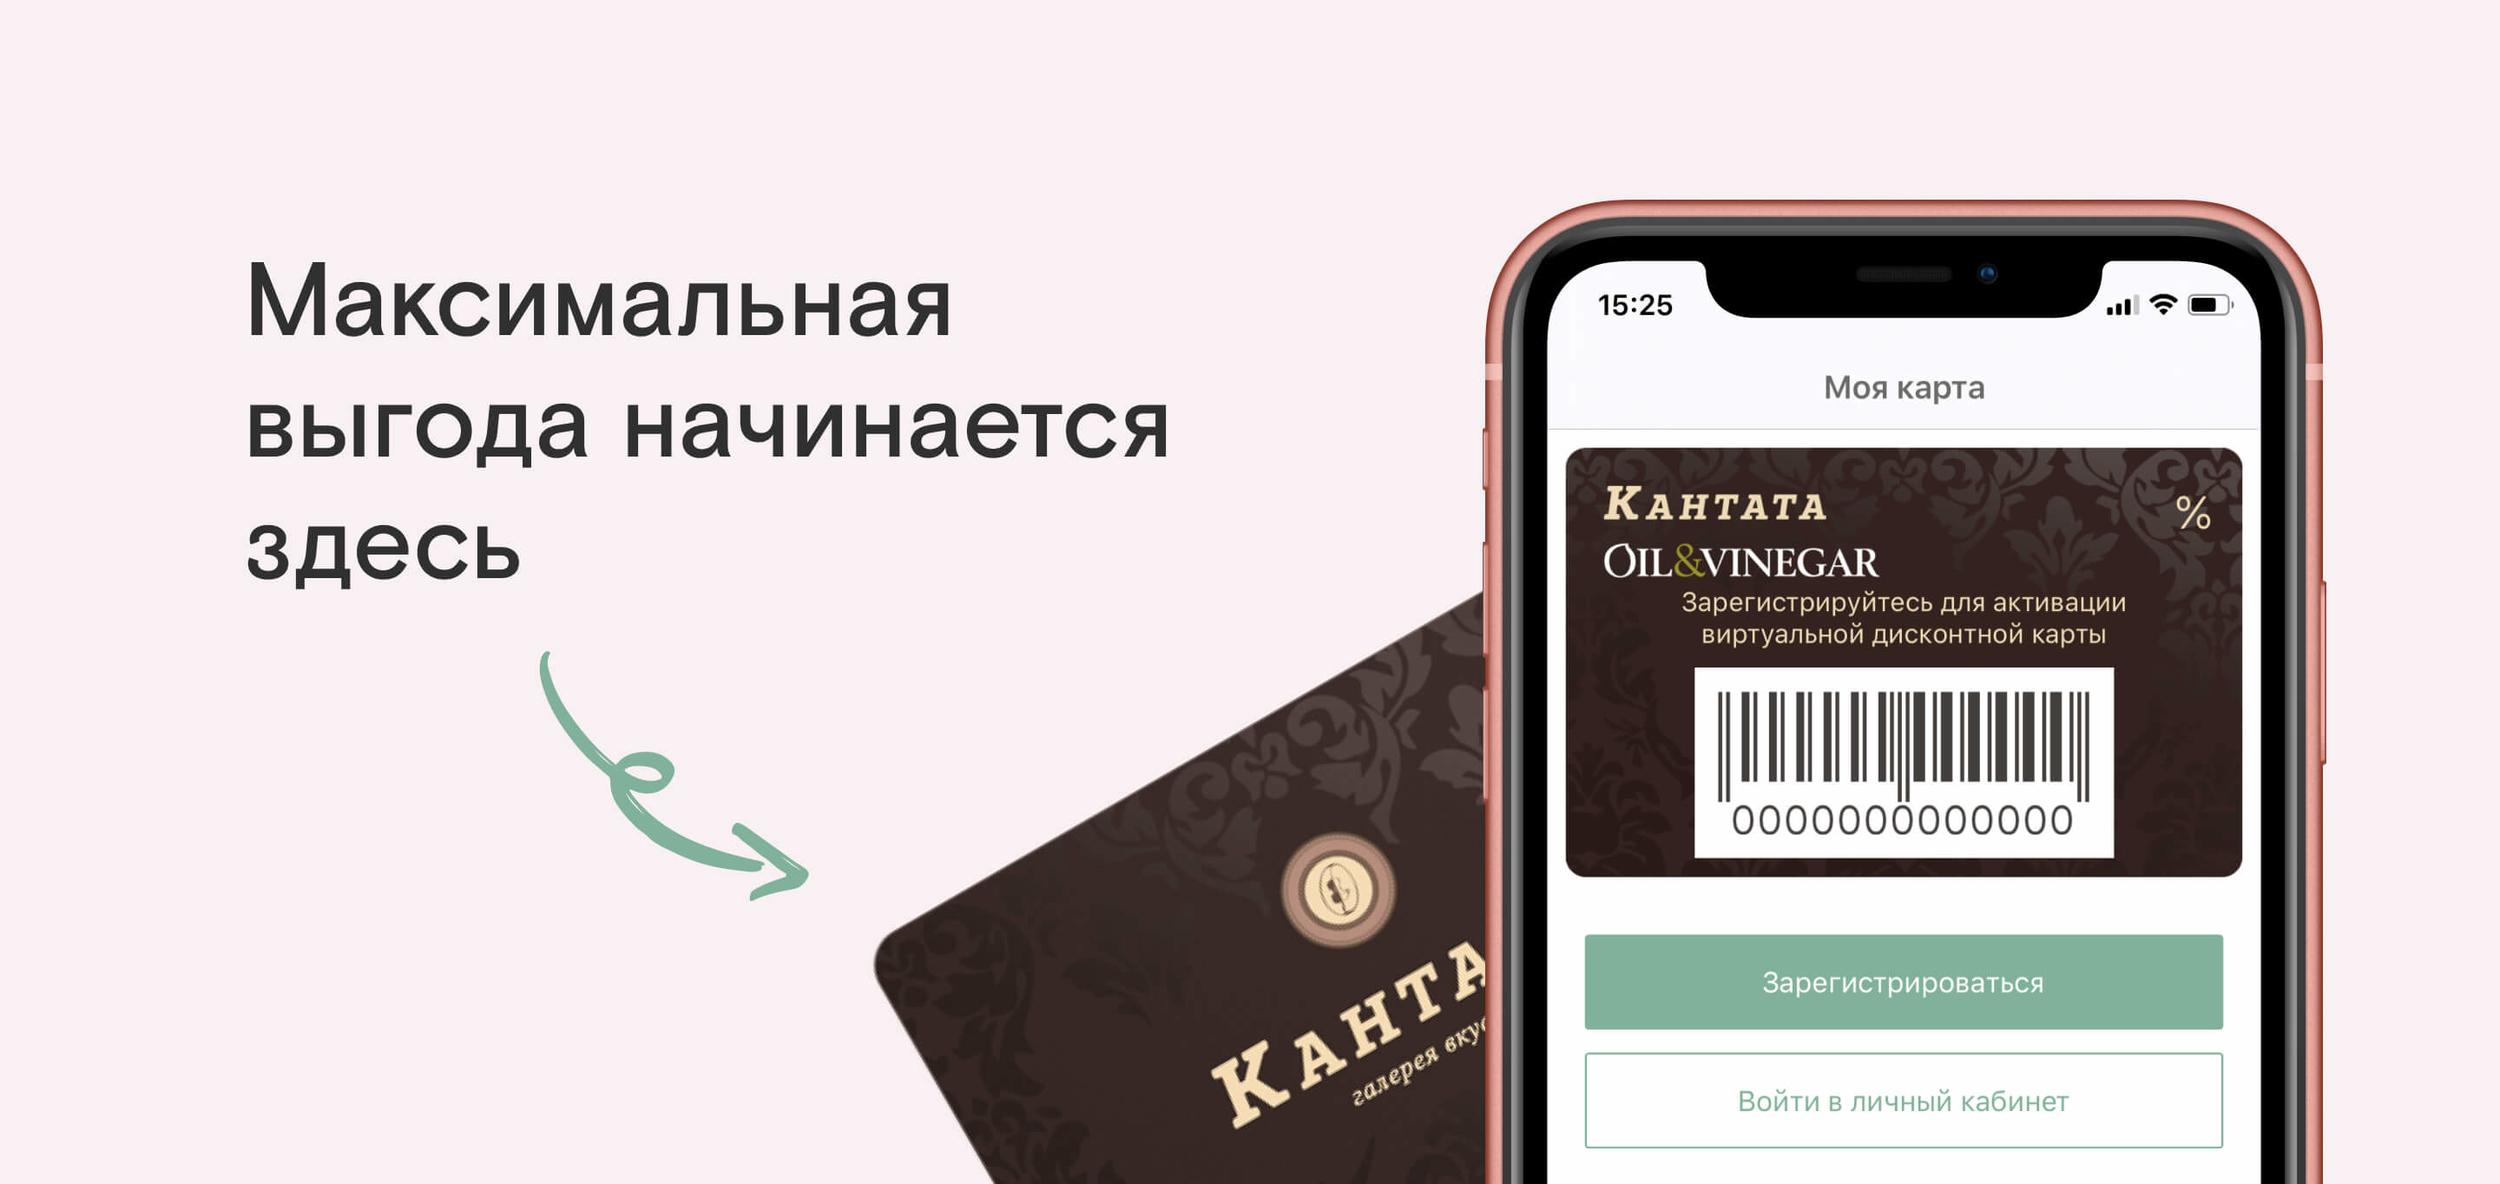 кредит халык банк казахстана